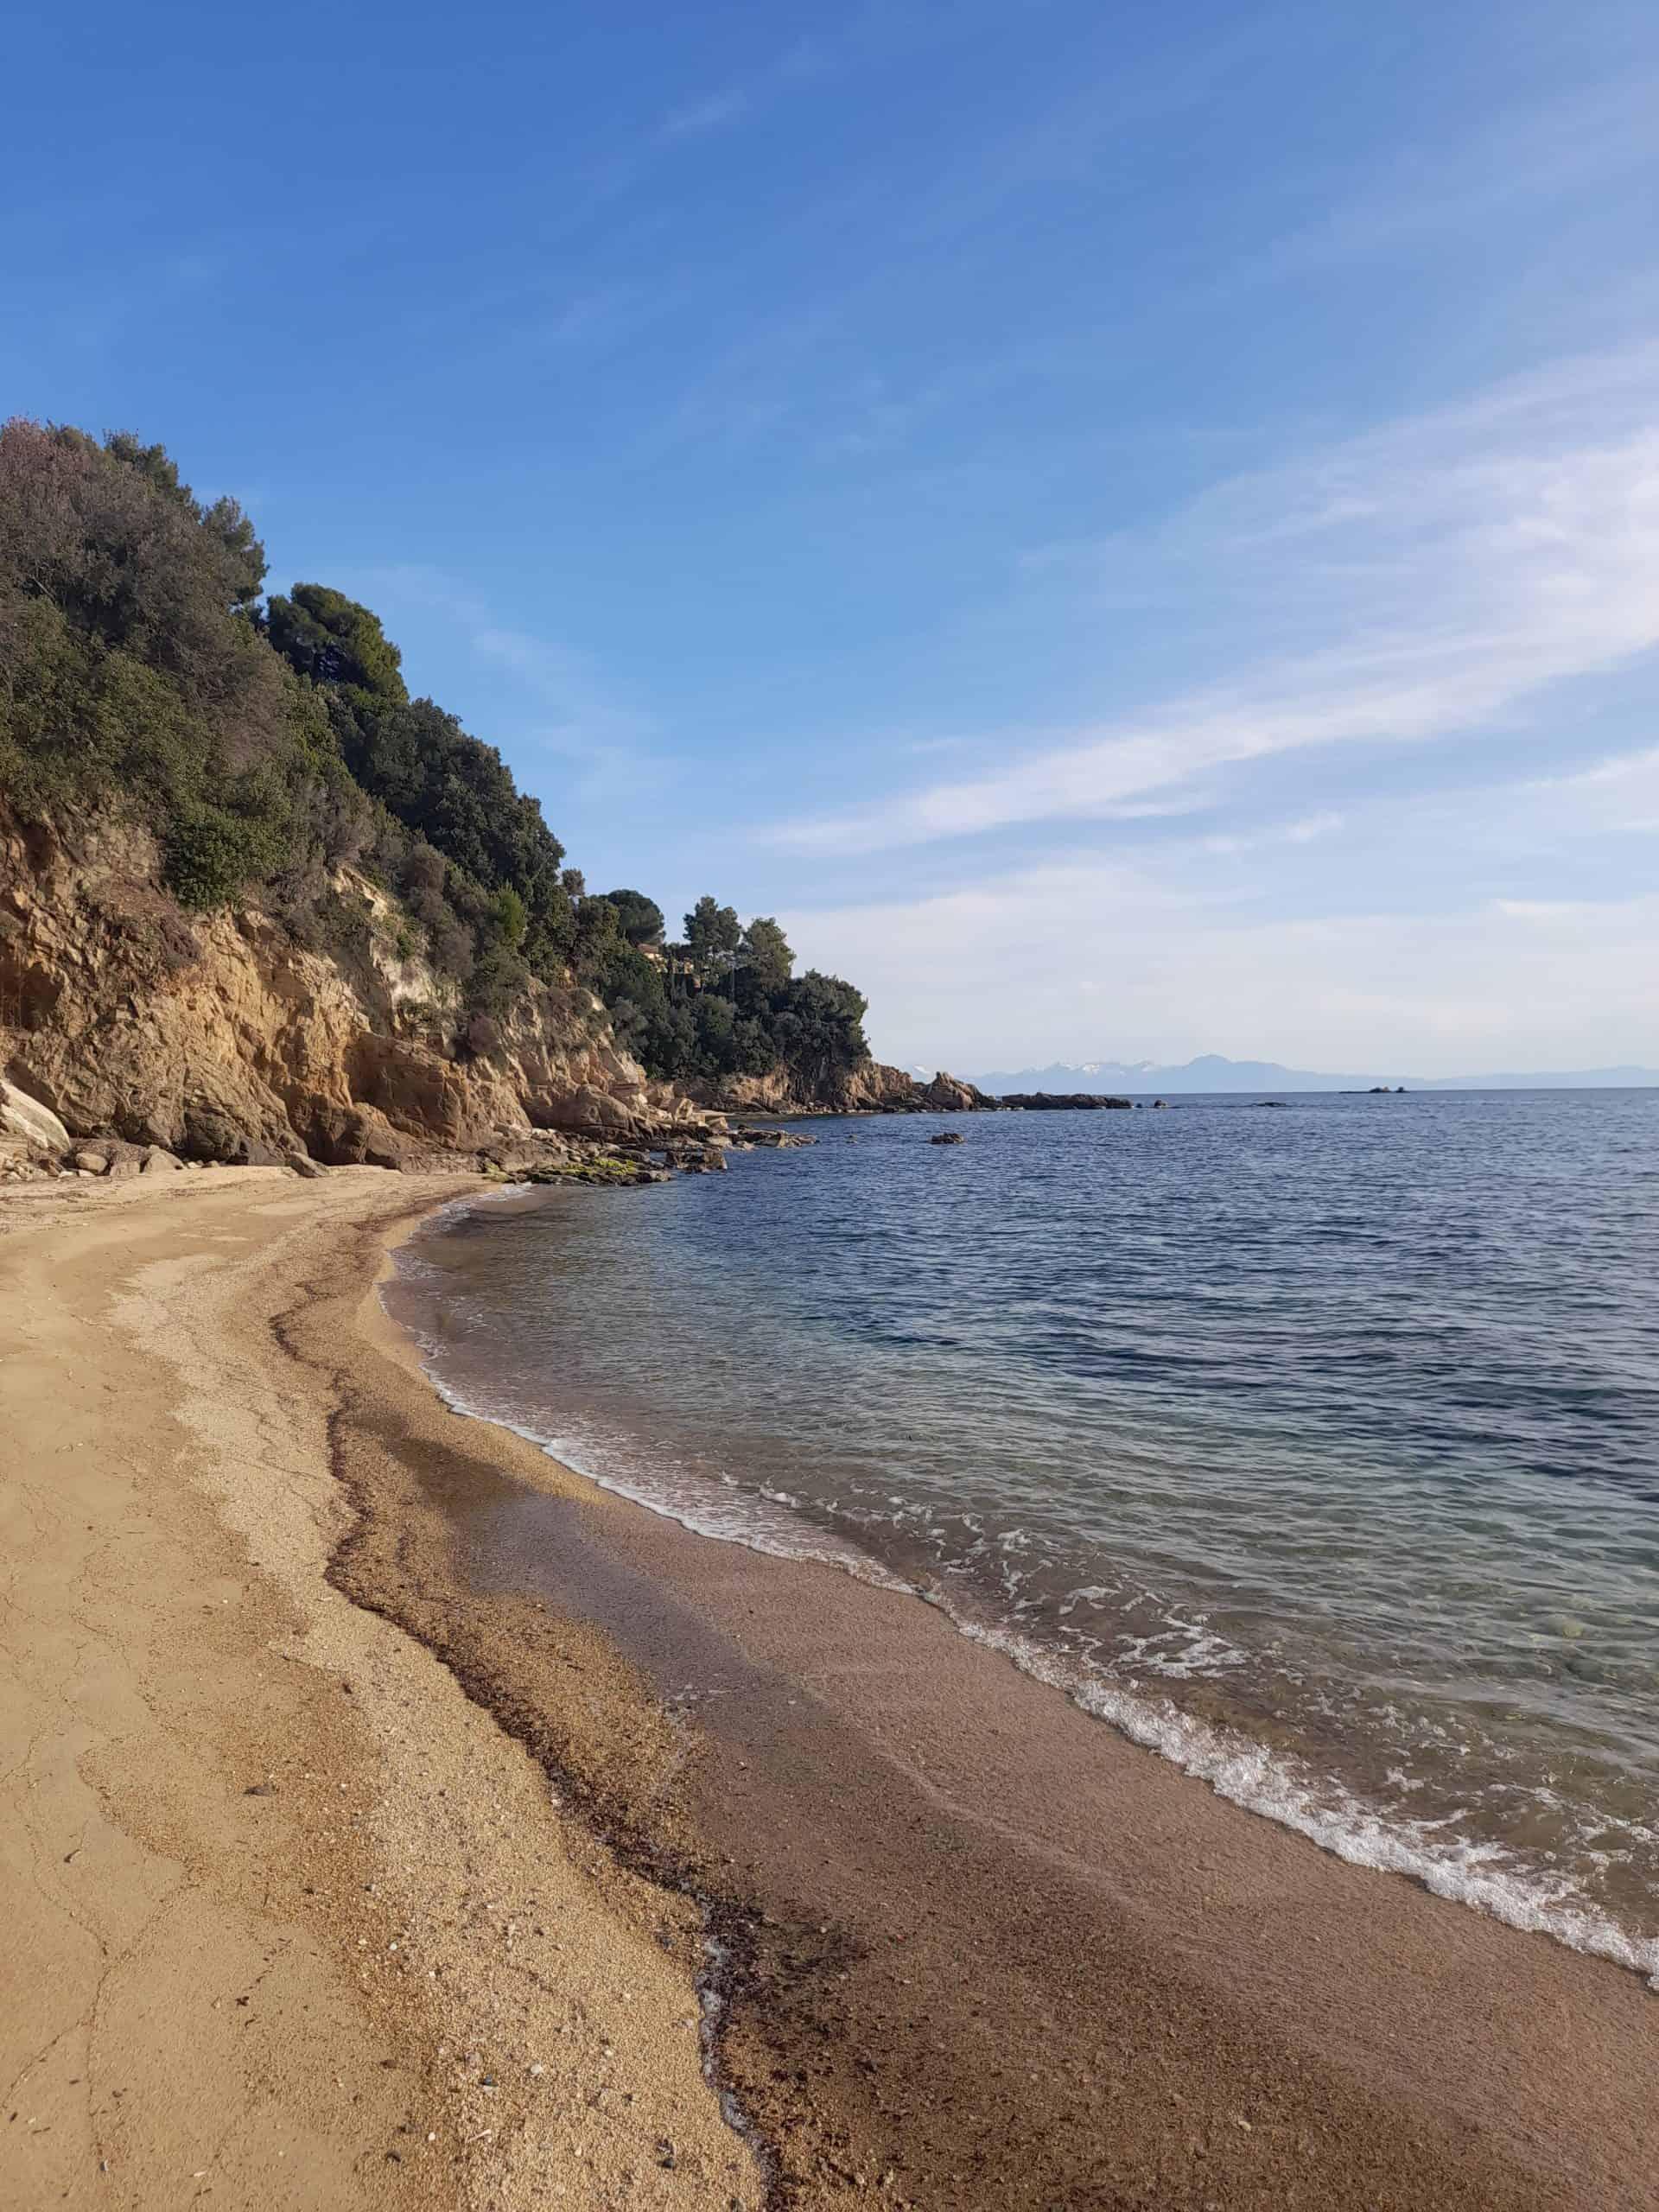 Skiathos beaches: Troulos